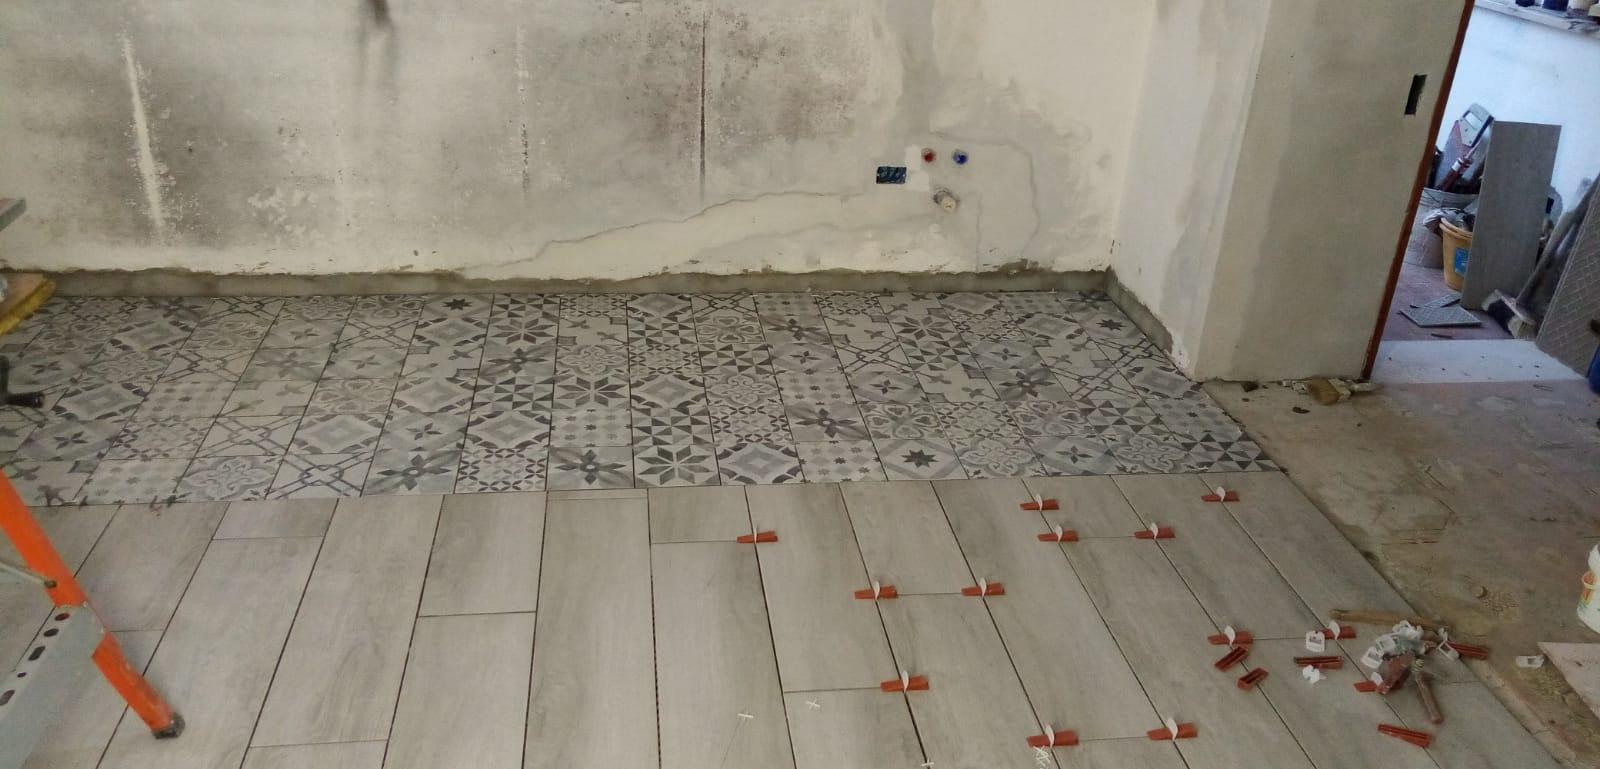 Lavori in corso per la posa delle cementine in cucina